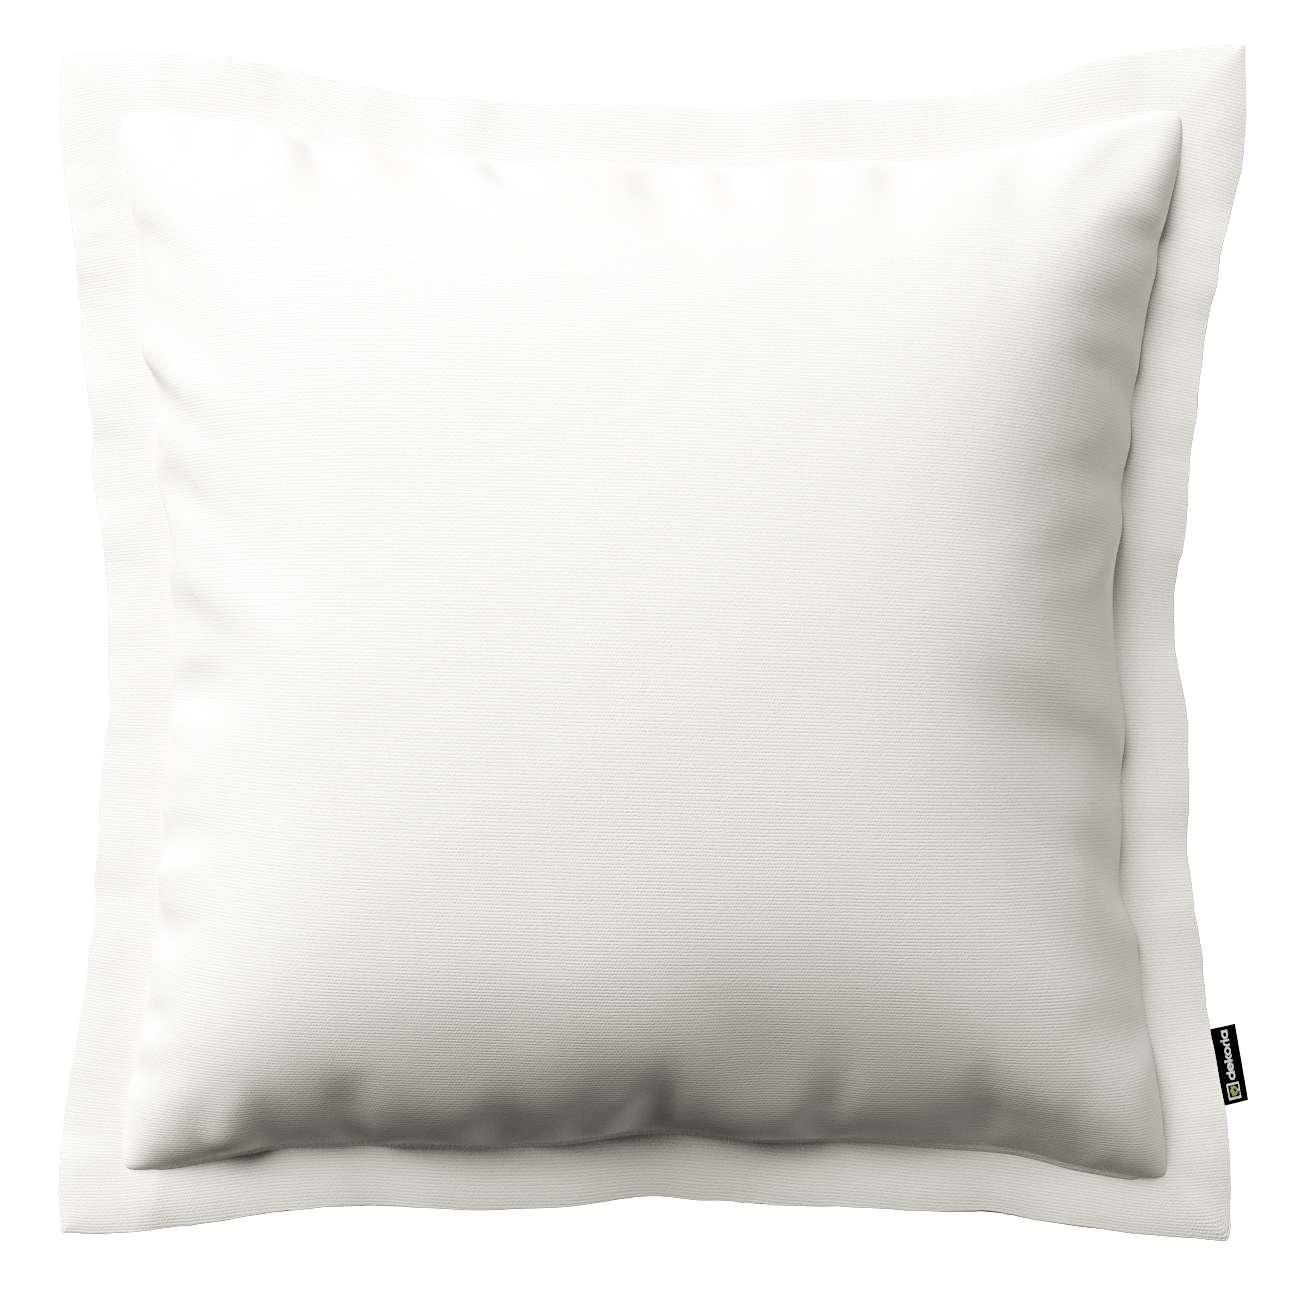 Mona dekoratyvinių pagalvėlių užvalkalas su sienele 38 x 38 cm kolekcijoje Cotton Panama, audinys: 702-34